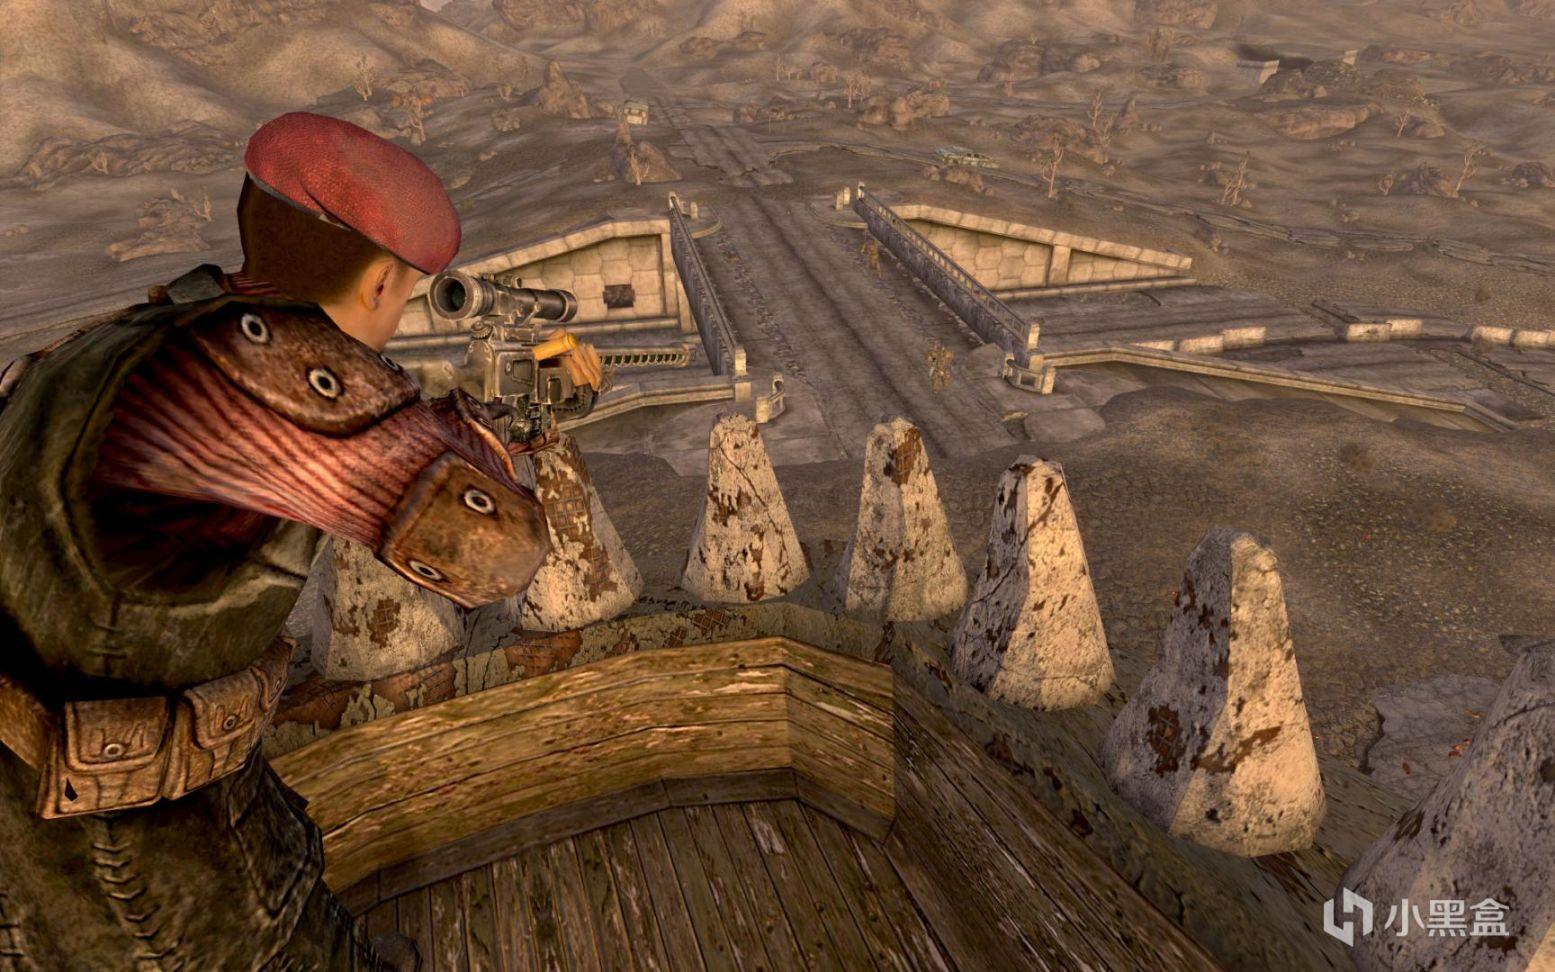 Steam每日特惠《辐射》系列《极乐迪斯科》《国王的恩赐2》等游戏优惠促销中插图7